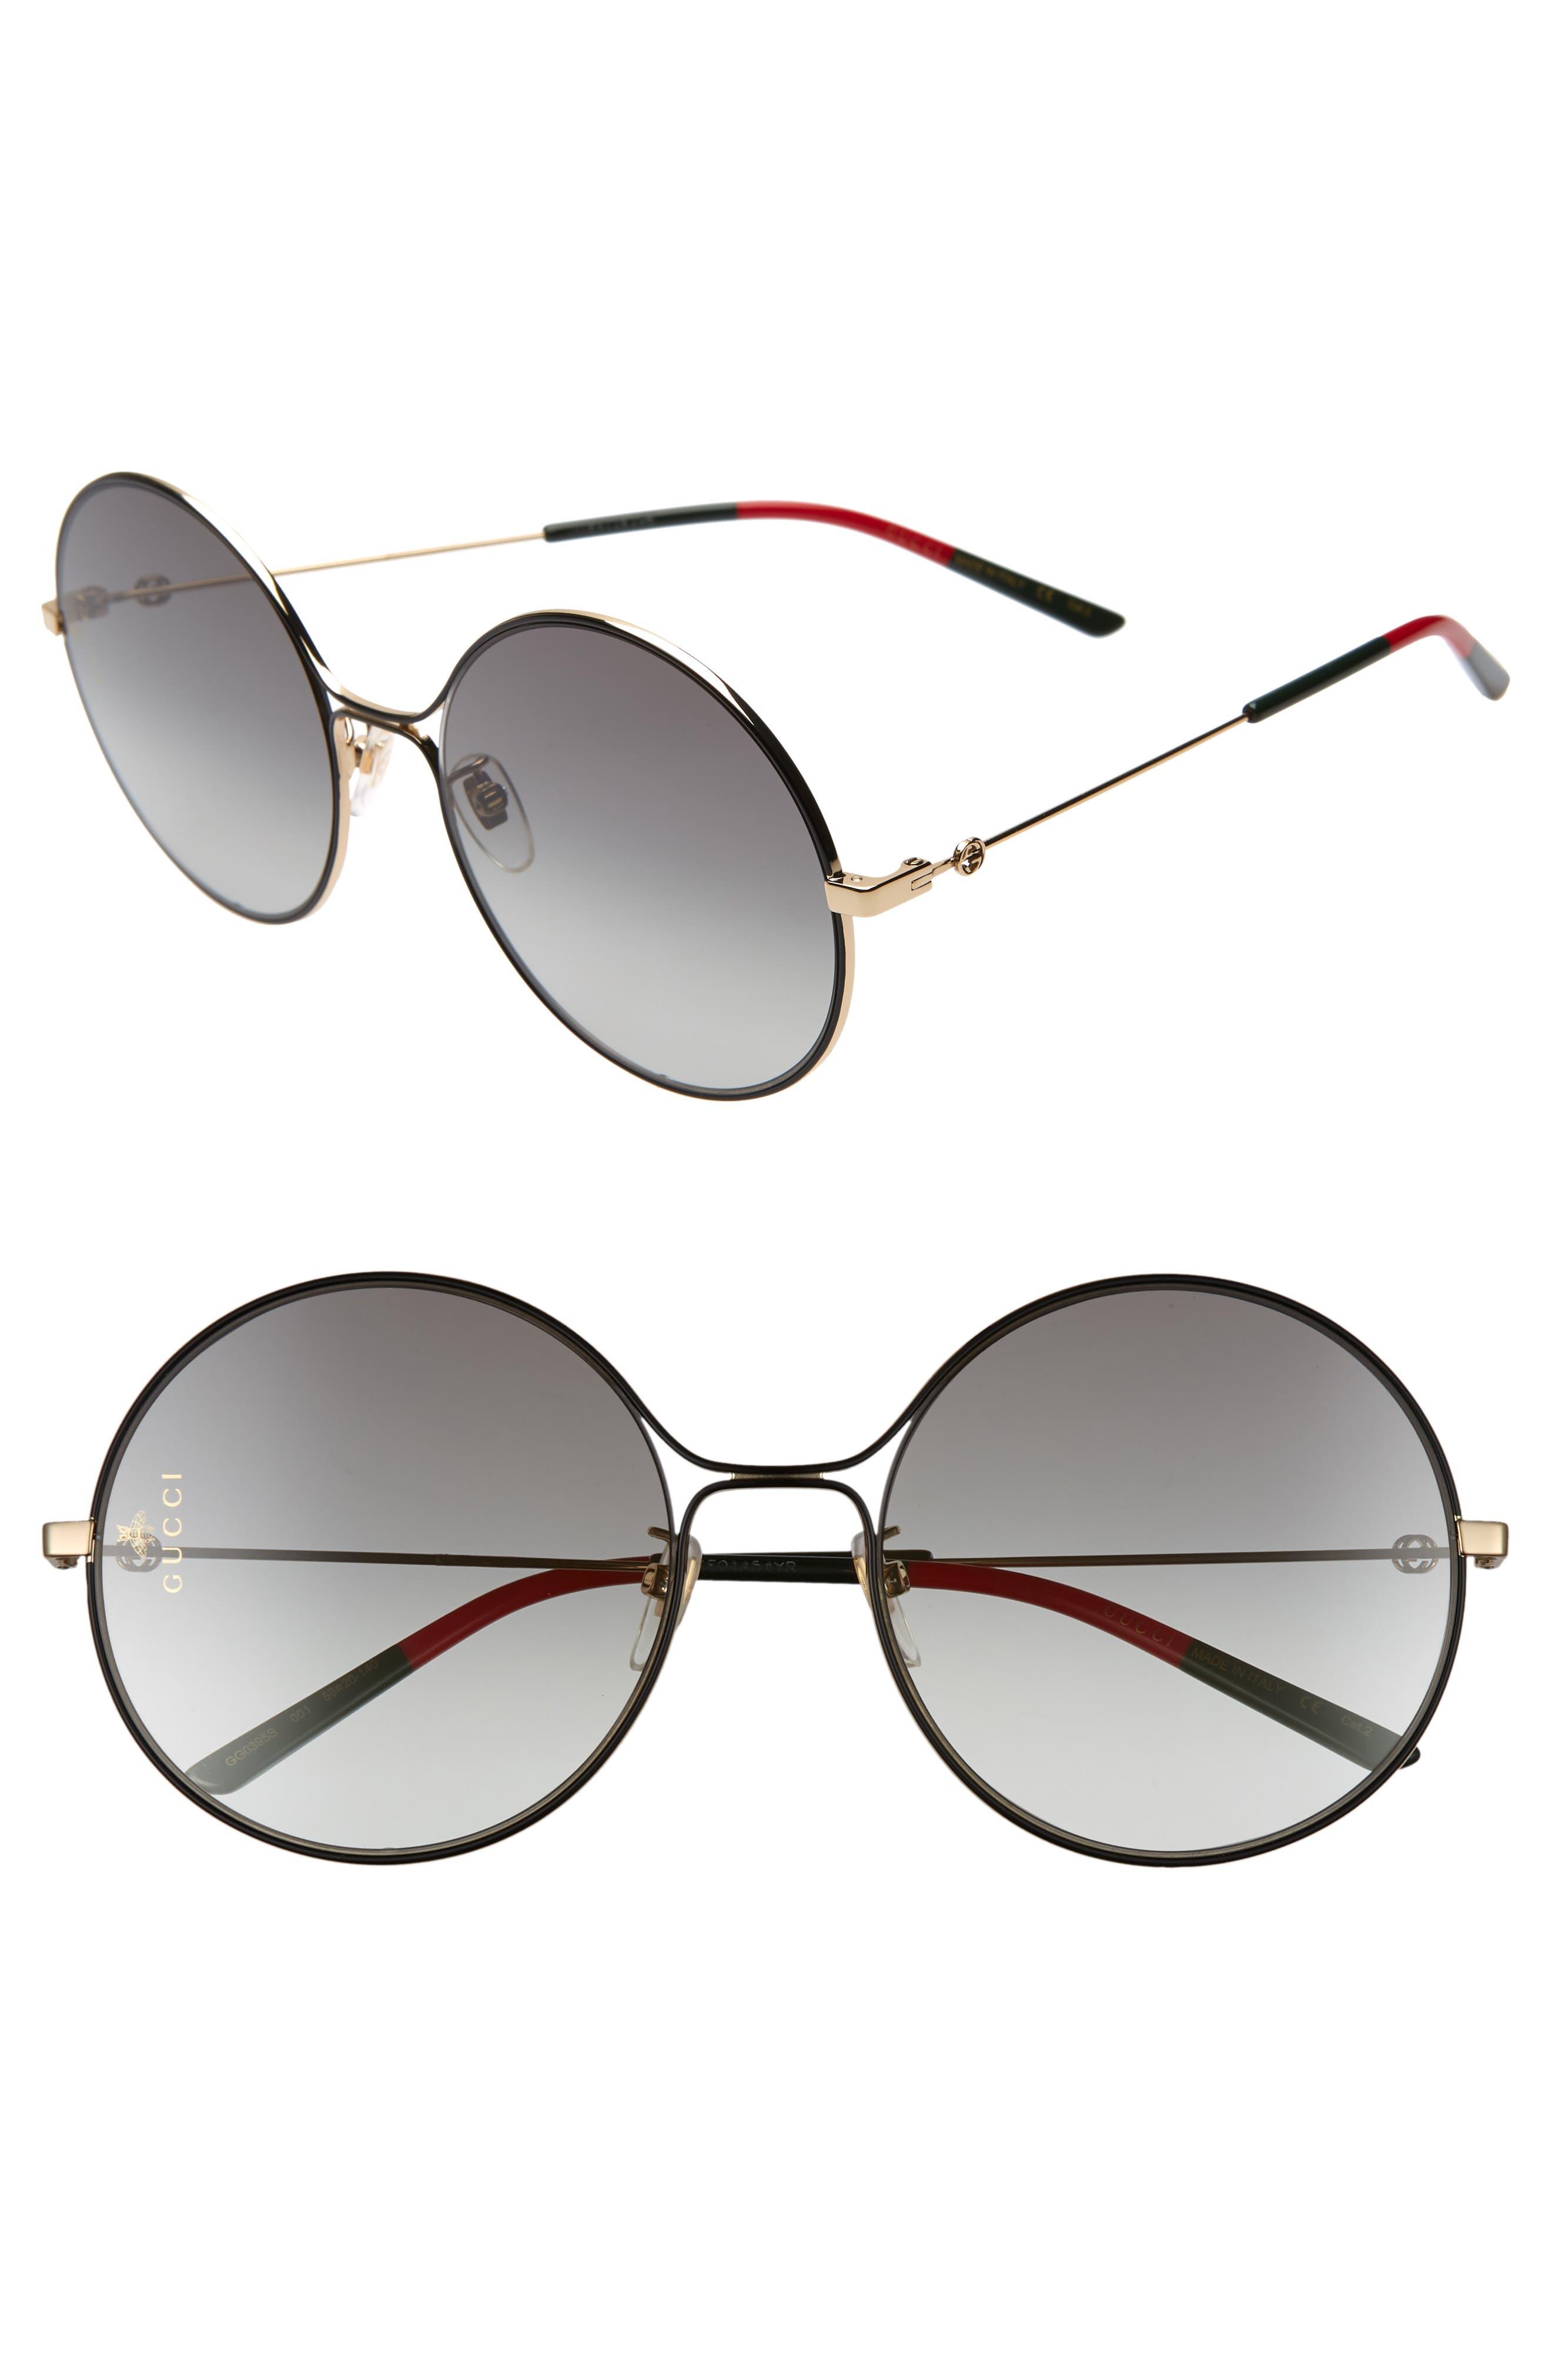 cb317e4dfcc Gucci Round Sunglasses for Women